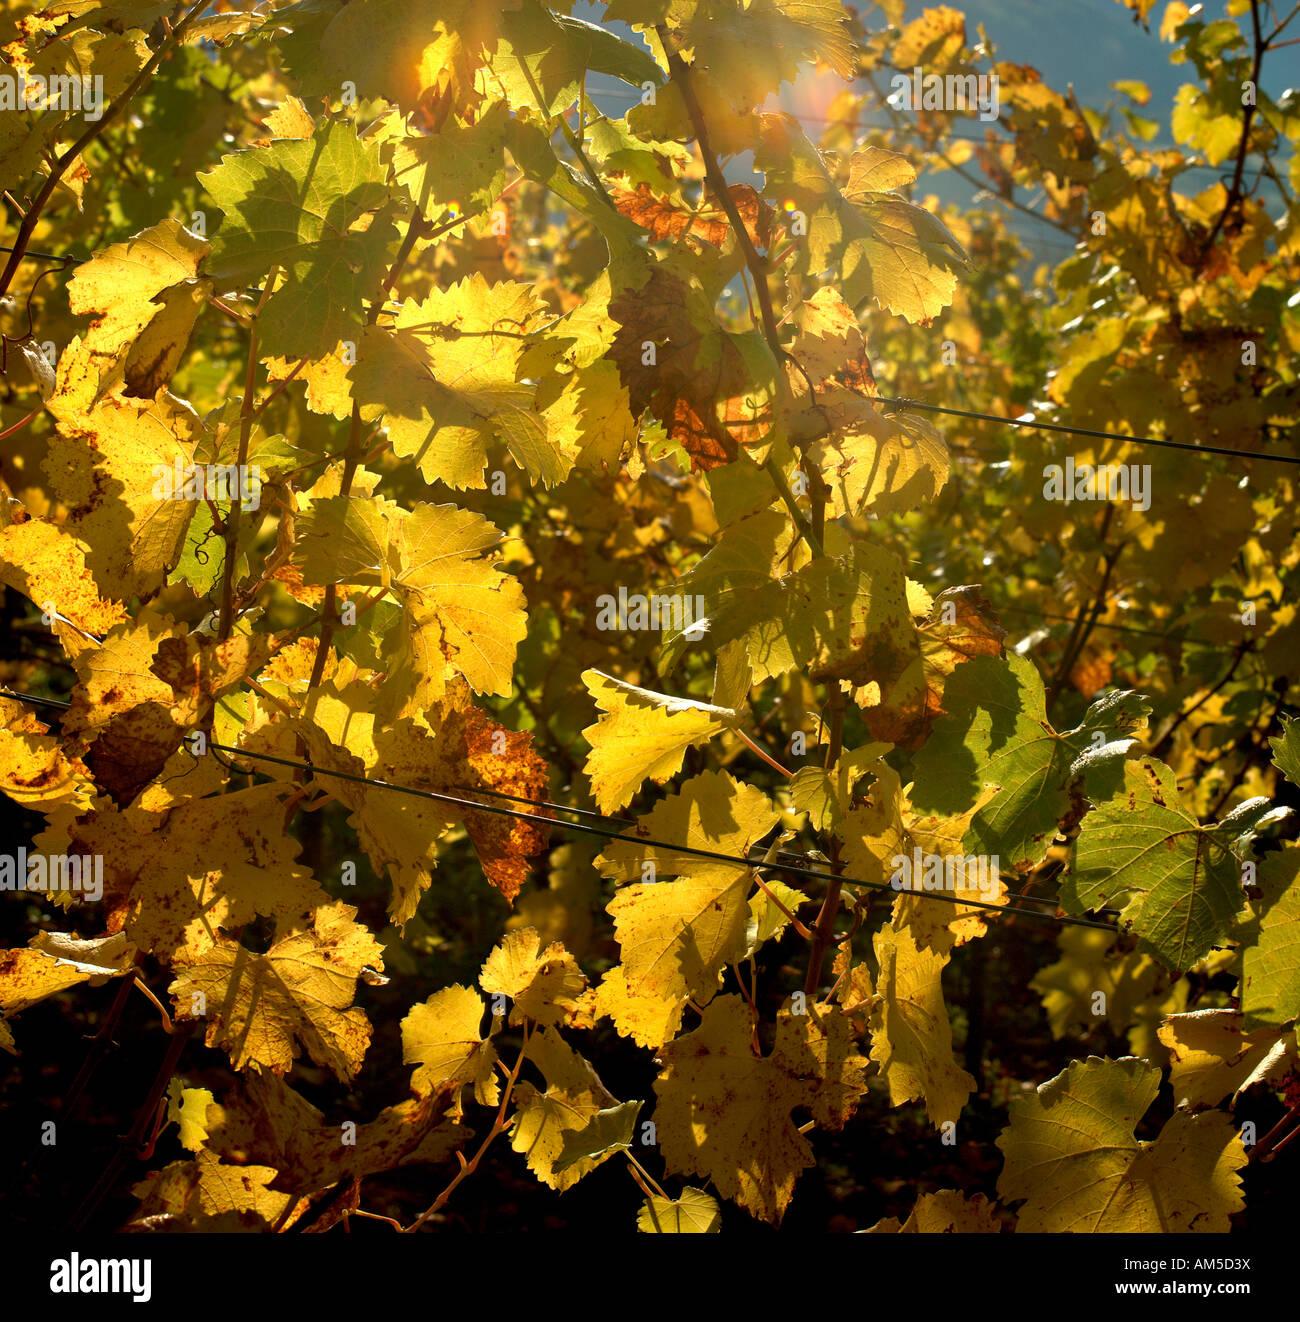 Vine leaves in back light Stock Photo